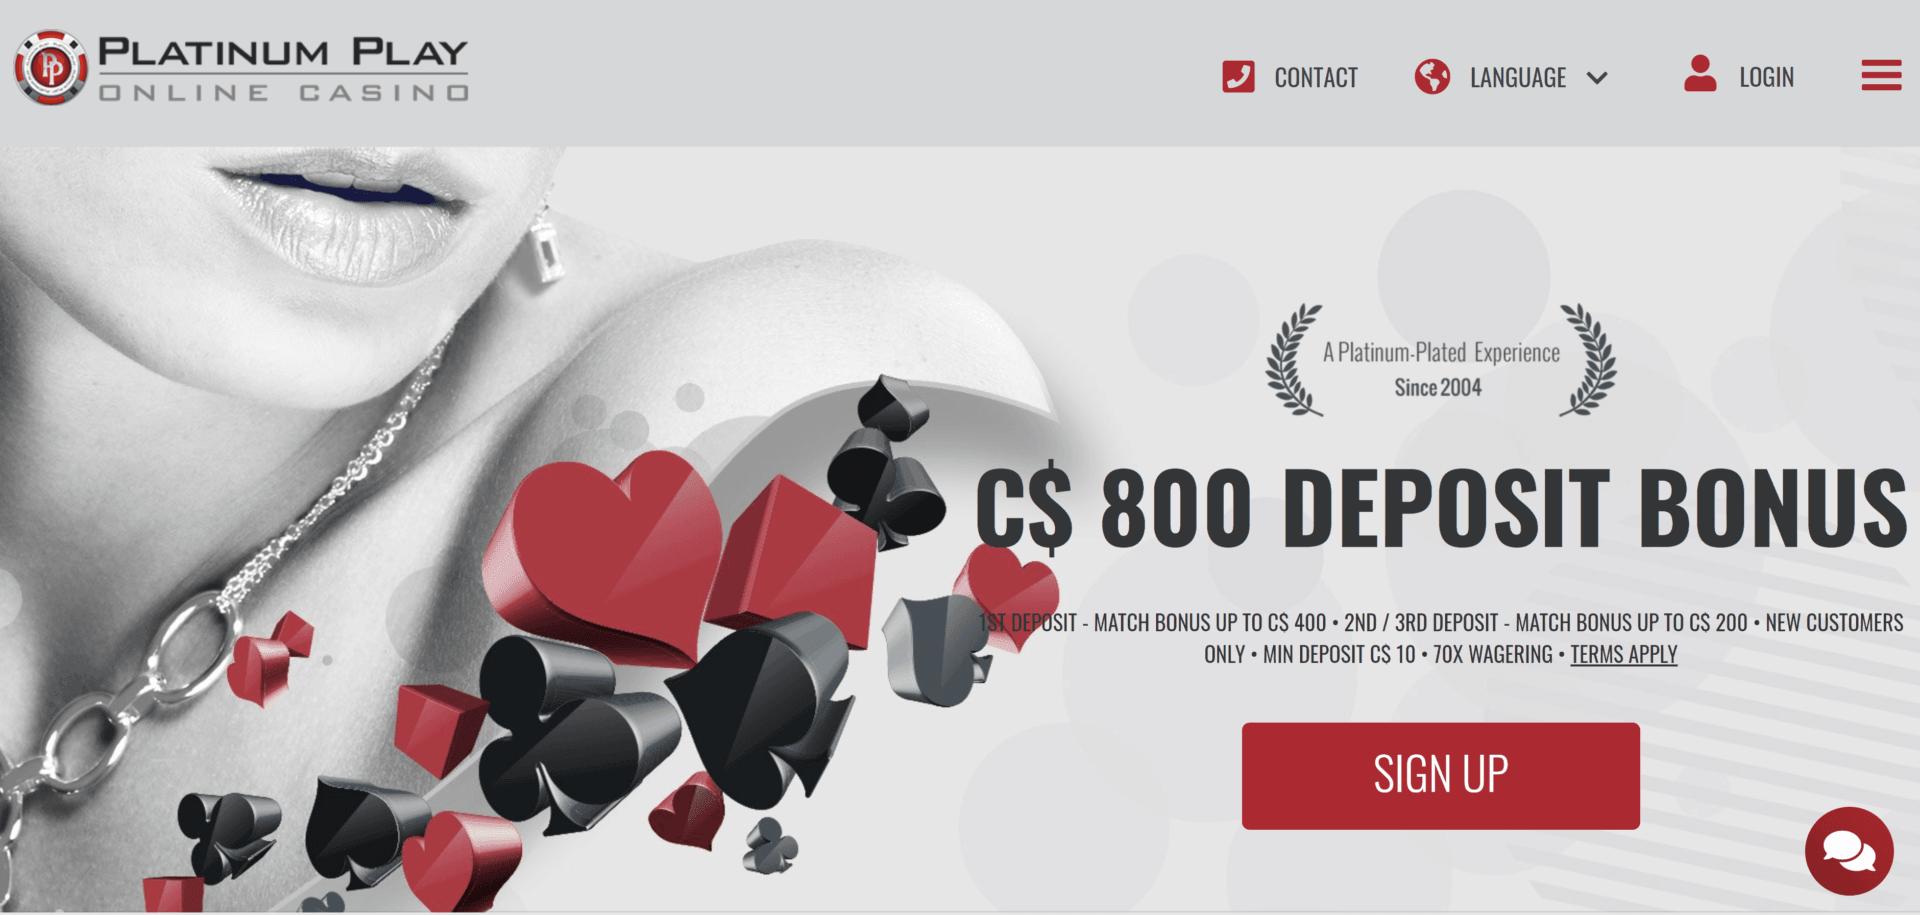 Platinum Play Casino Bonus Code